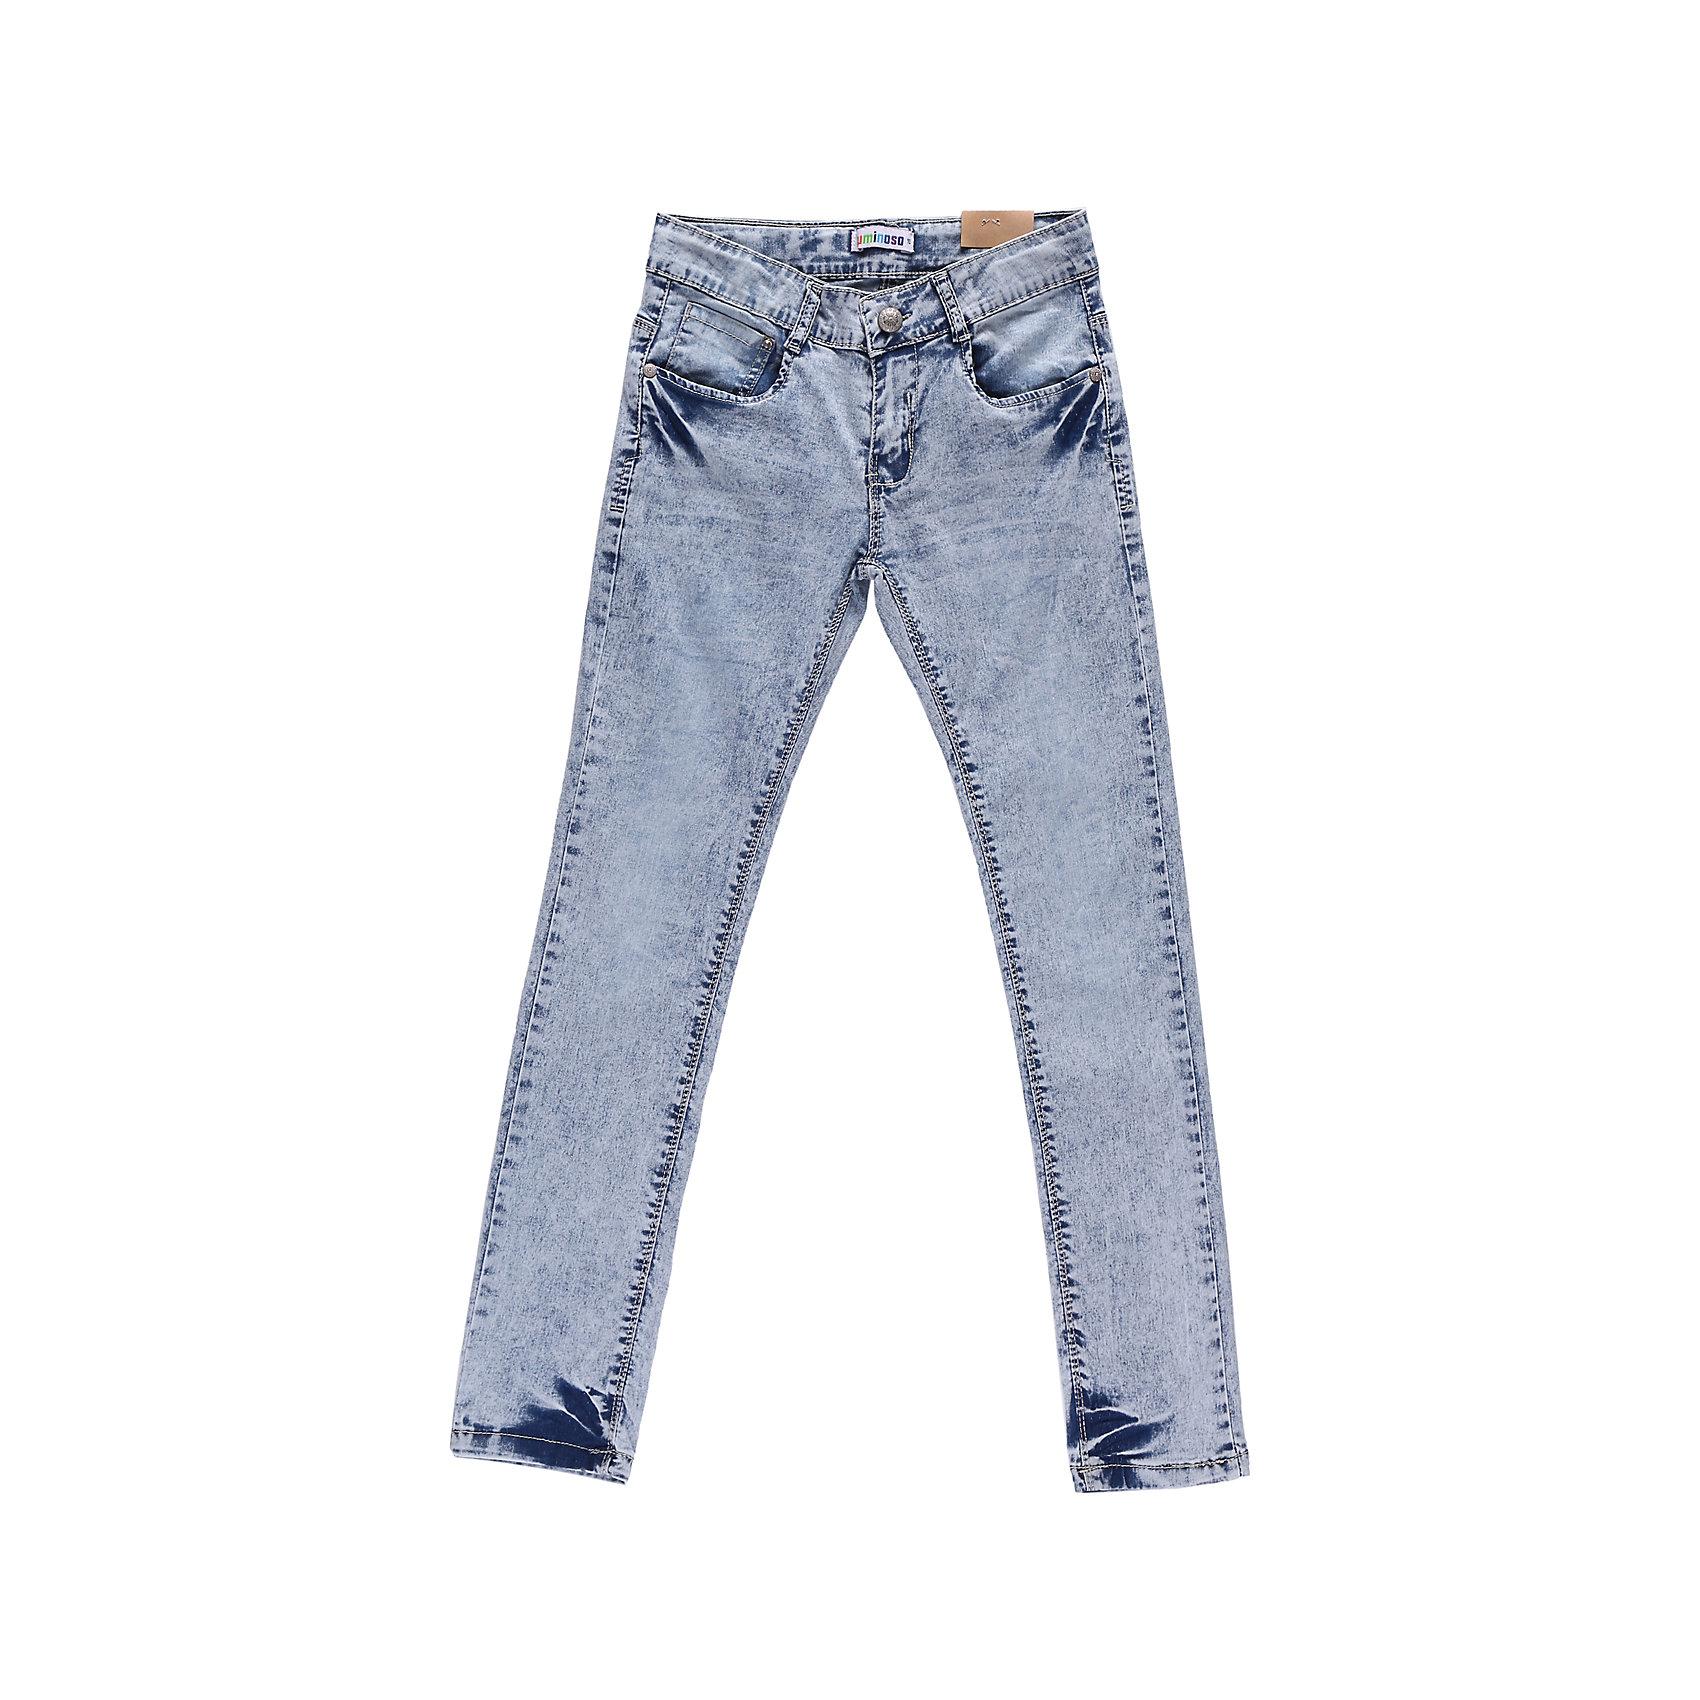 Джинсы для девочки LuminosoДжинсовая одежда<br>Джинсы из светлой джинсы.<br>Состав:<br>98% хлопок, 2% эластан<br><br>Ширина мм: 215<br>Глубина мм: 88<br>Высота мм: 191<br>Вес г: 336<br>Цвет: голубой<br>Возраст от месяцев: 156<br>Возраст до месяцев: 168<br>Пол: Женский<br>Возраст: Детский<br>Размер: 164,146,140,152,134,158<br>SKU: 4521695